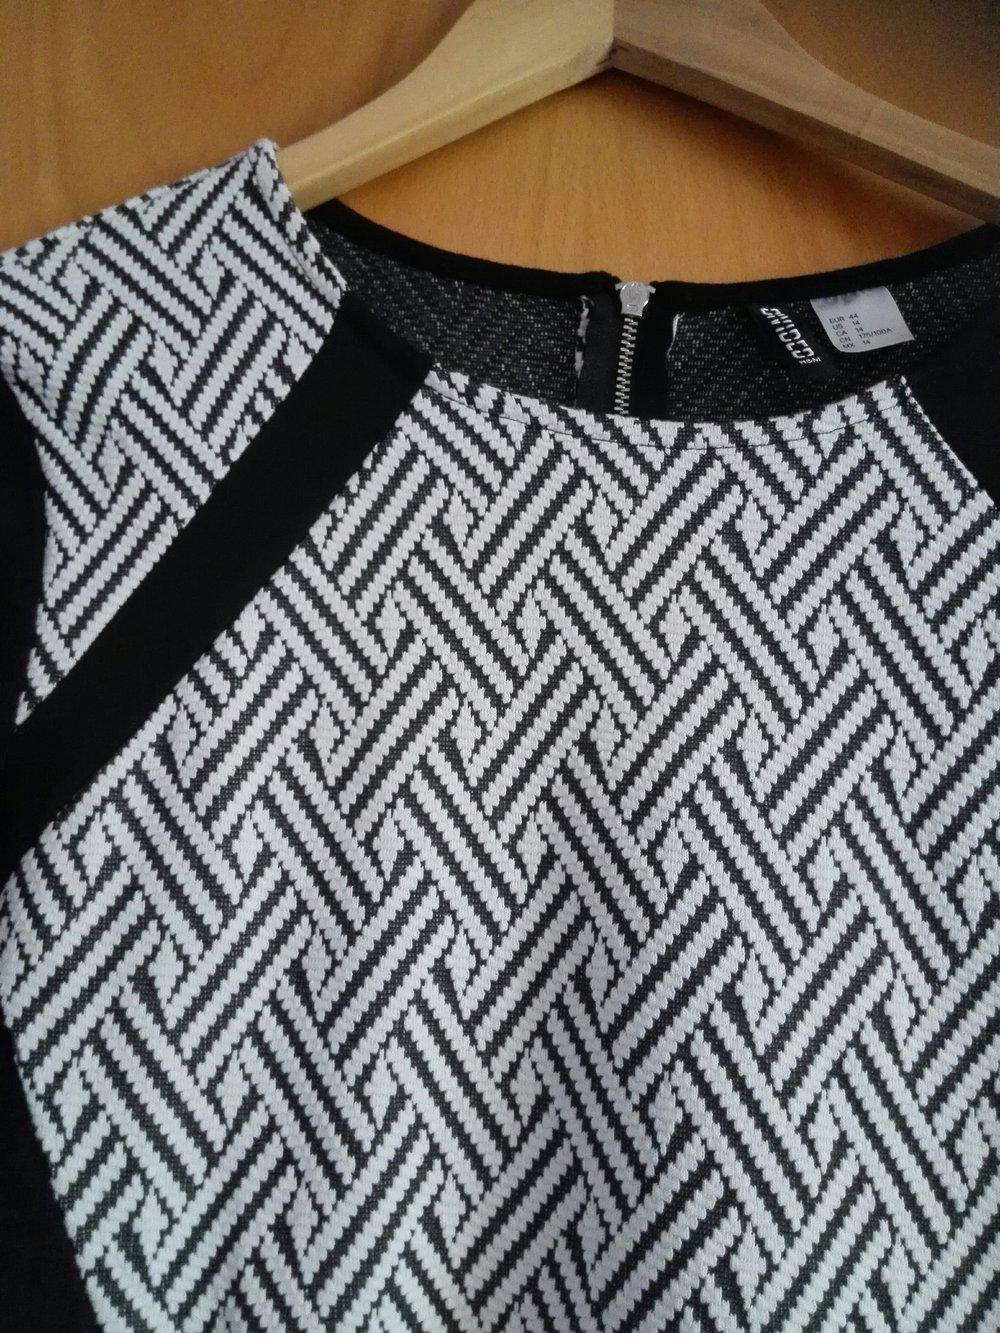 H&M - schickes Kleid schwarz weiß :: Kleiderkorb.de